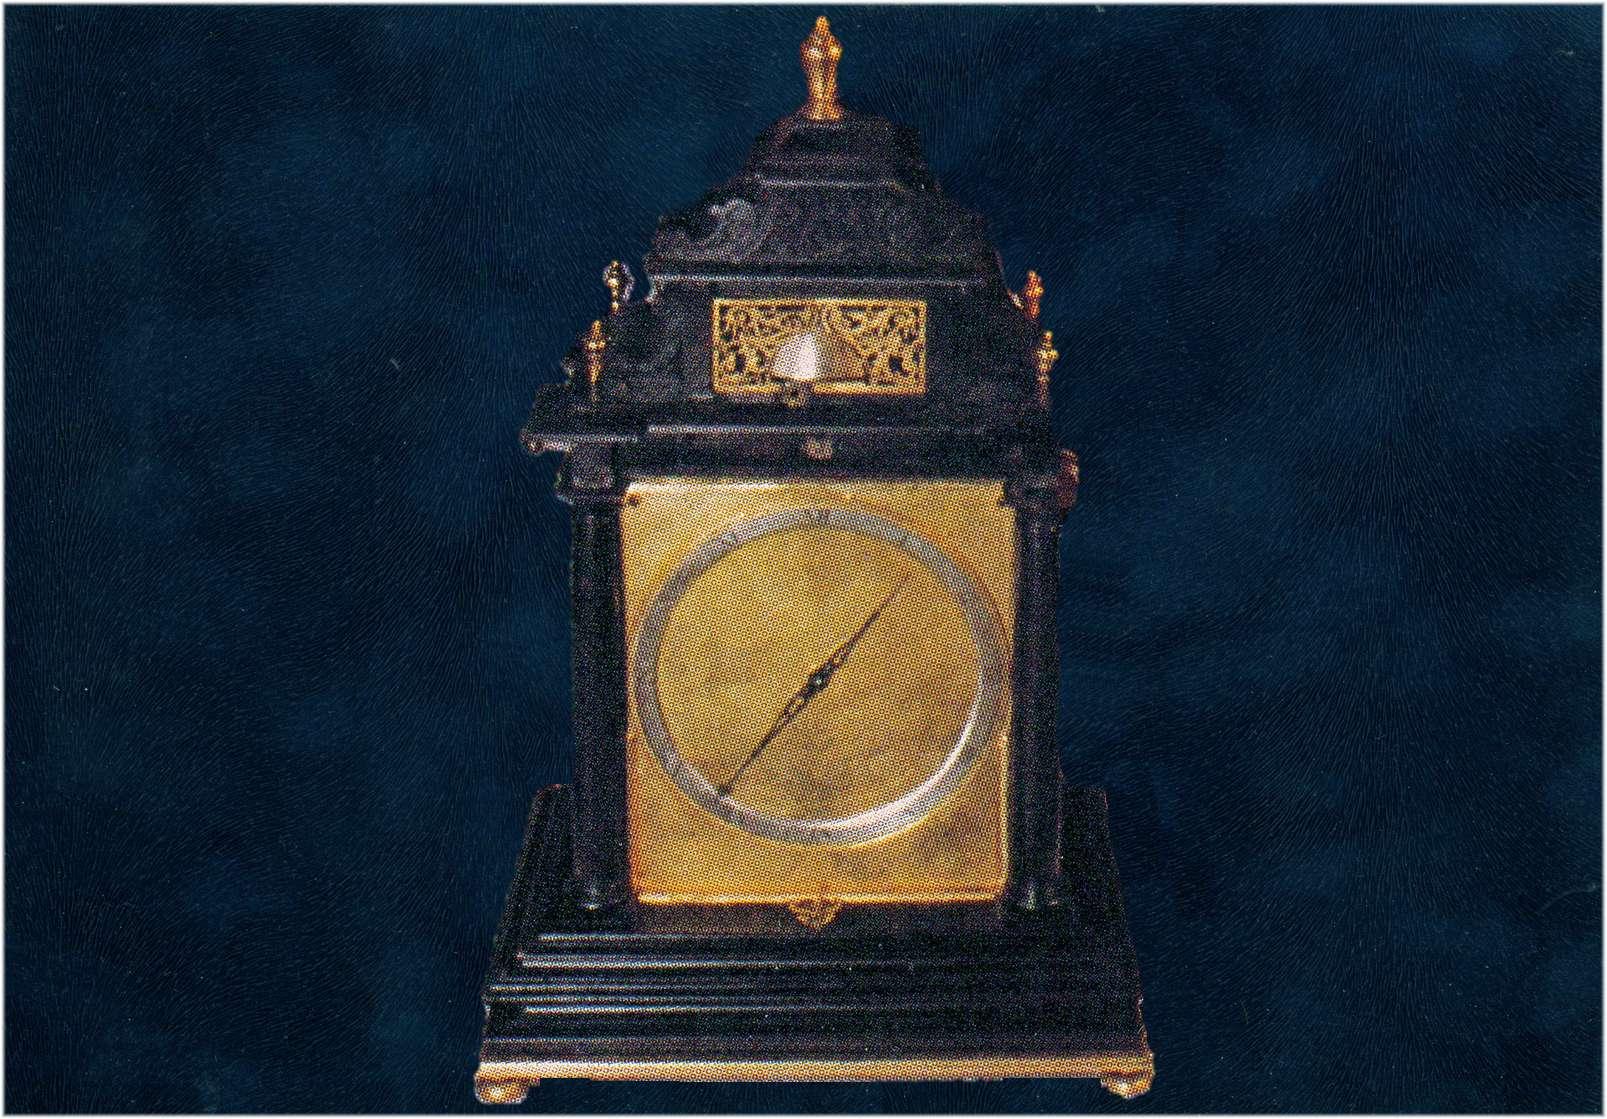 Praezisionsuhr von Jost Buergi aus dem Jahr 1580